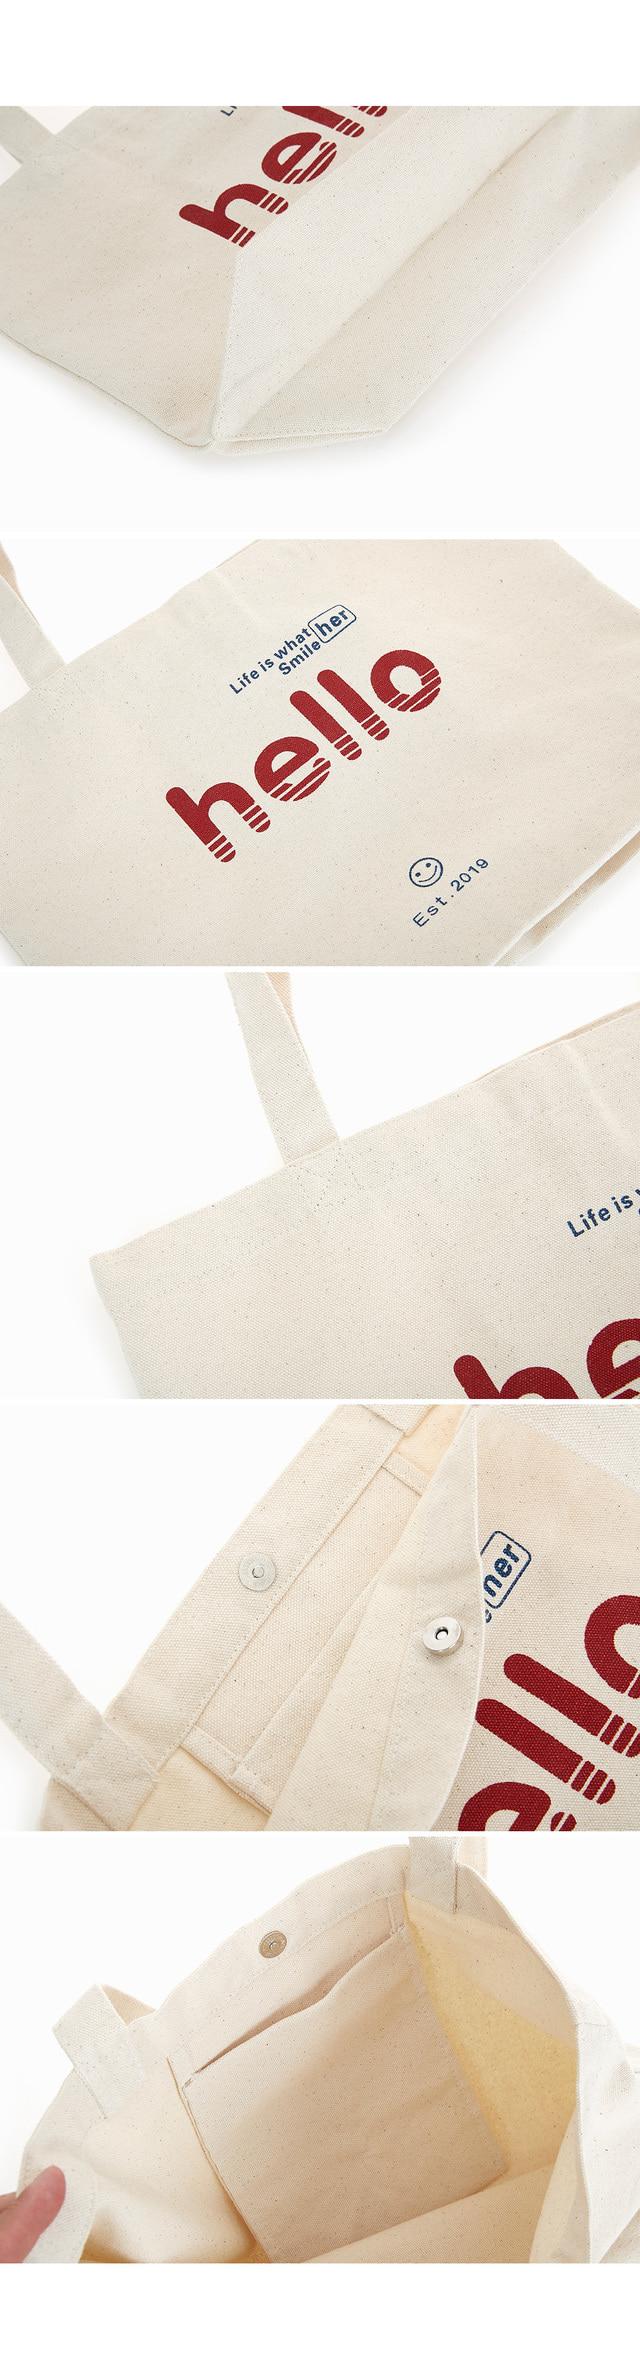 Hello Eco Bag